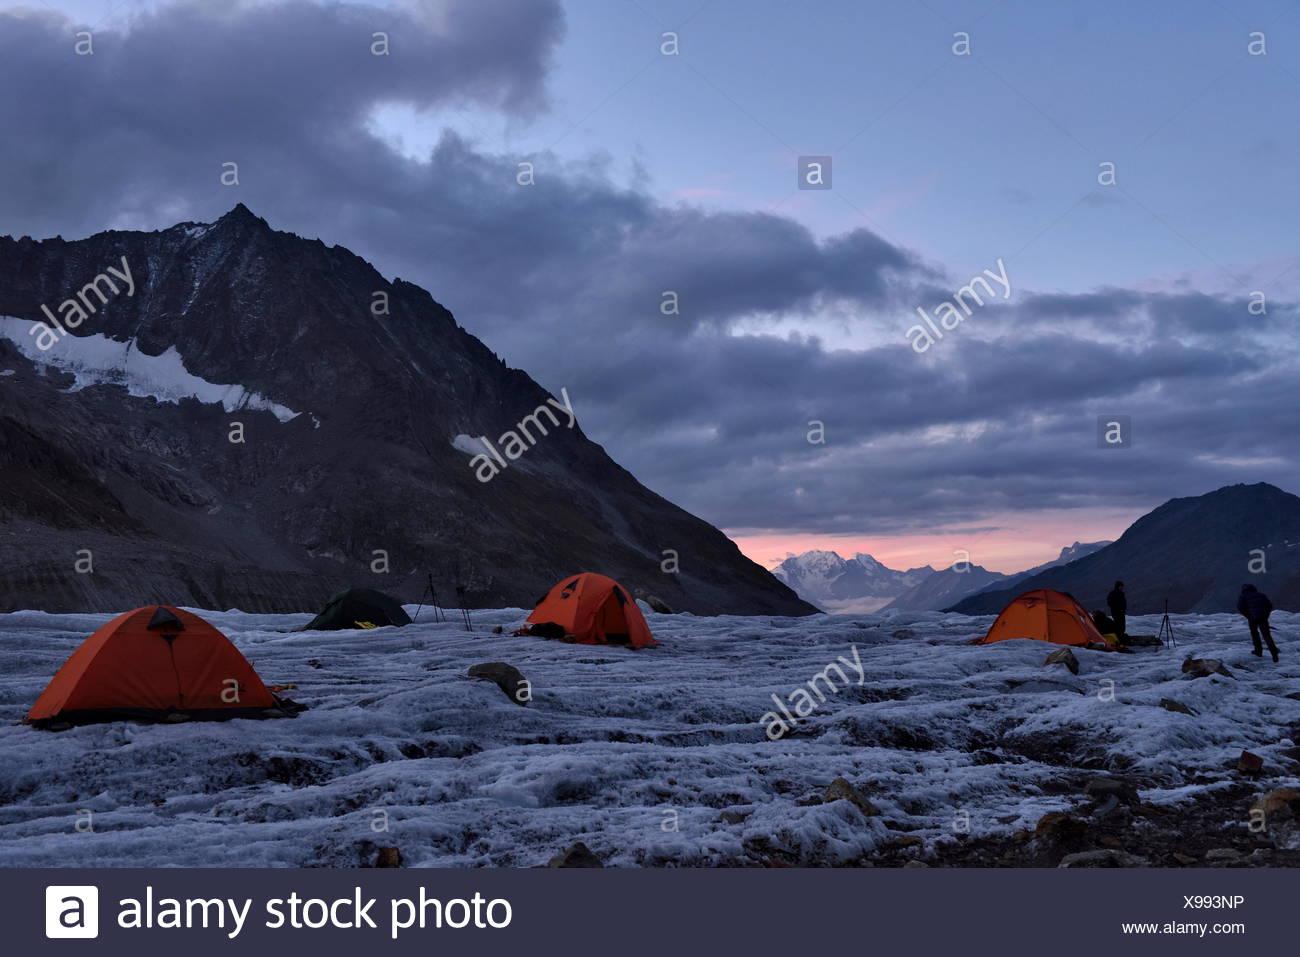 El equipo de espeleólogos italianos asentarse en la noche en su campamento base en el Aletschgletscher. Crepúsculo ilumina la naranja cálido carpas Imagen De Stock